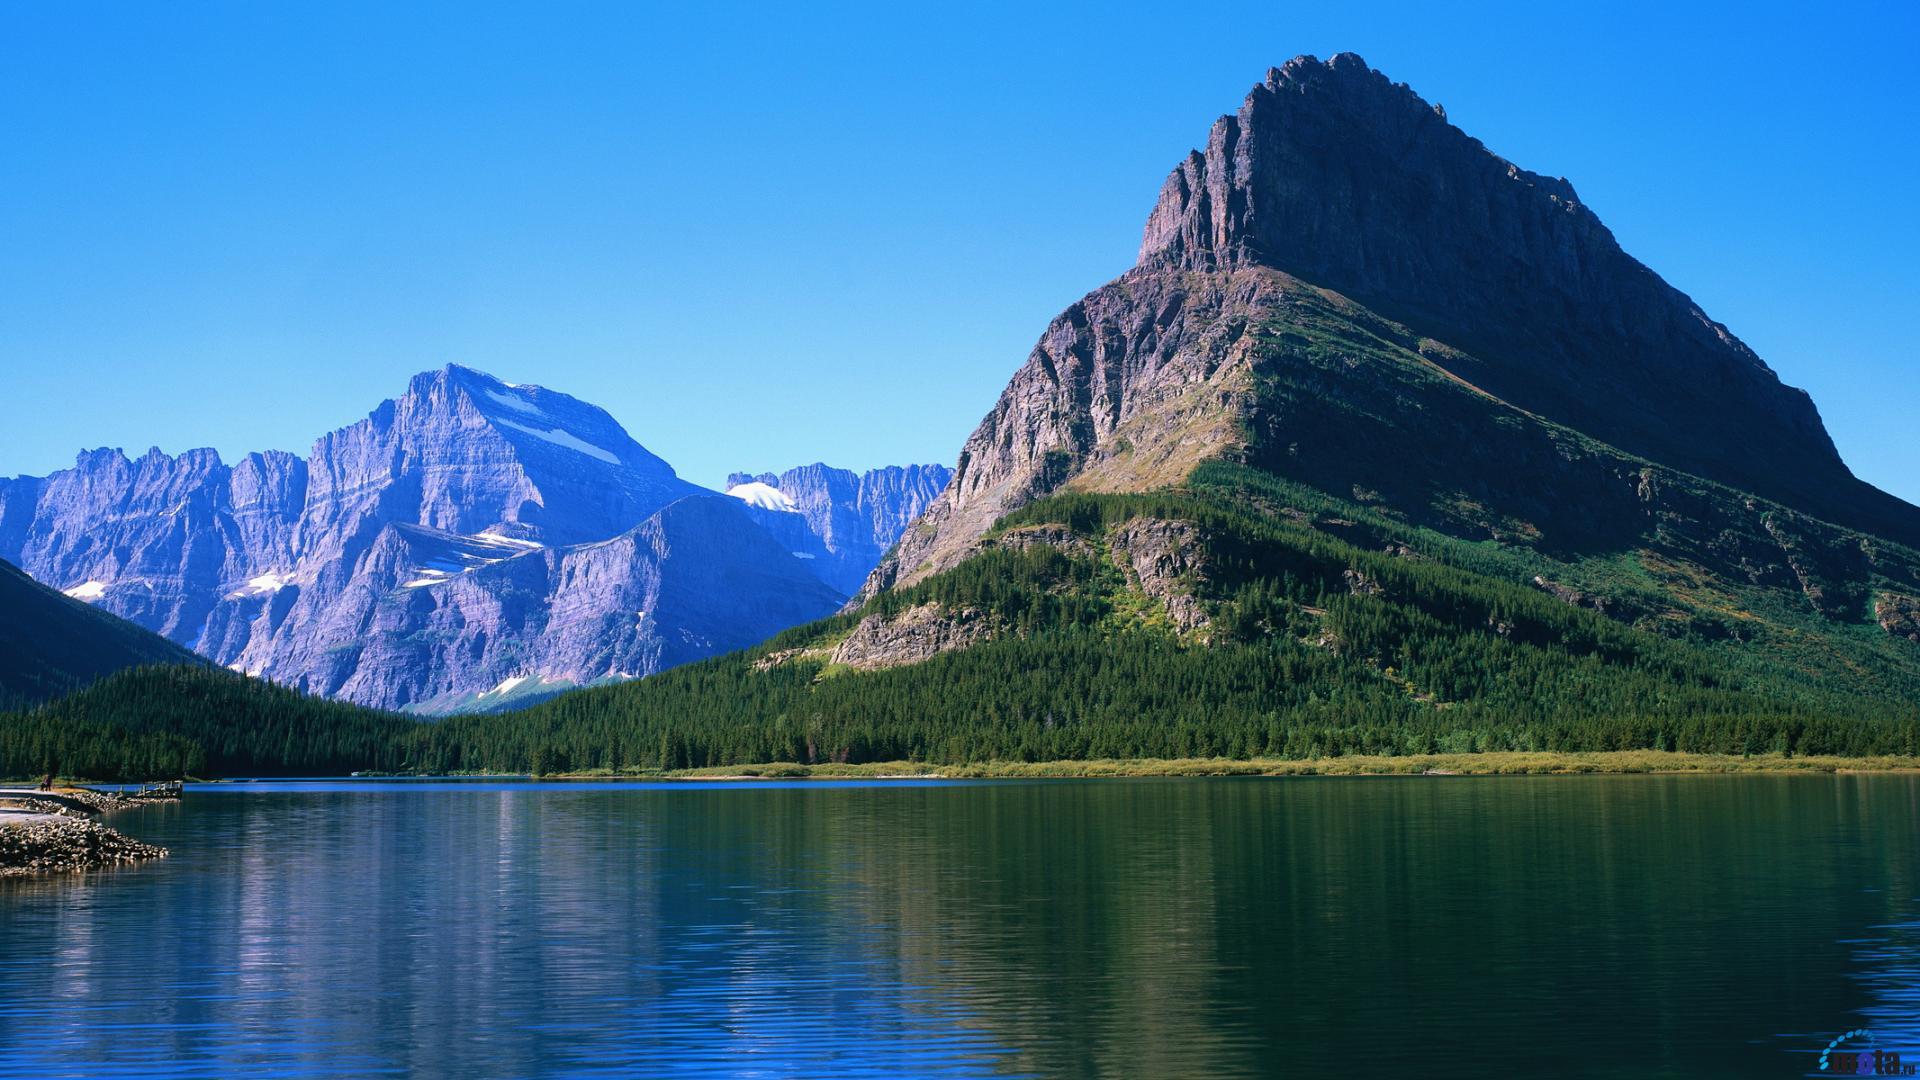 Desktop wallpapers Grinnell Lake Glacier National Park US 1920x1080